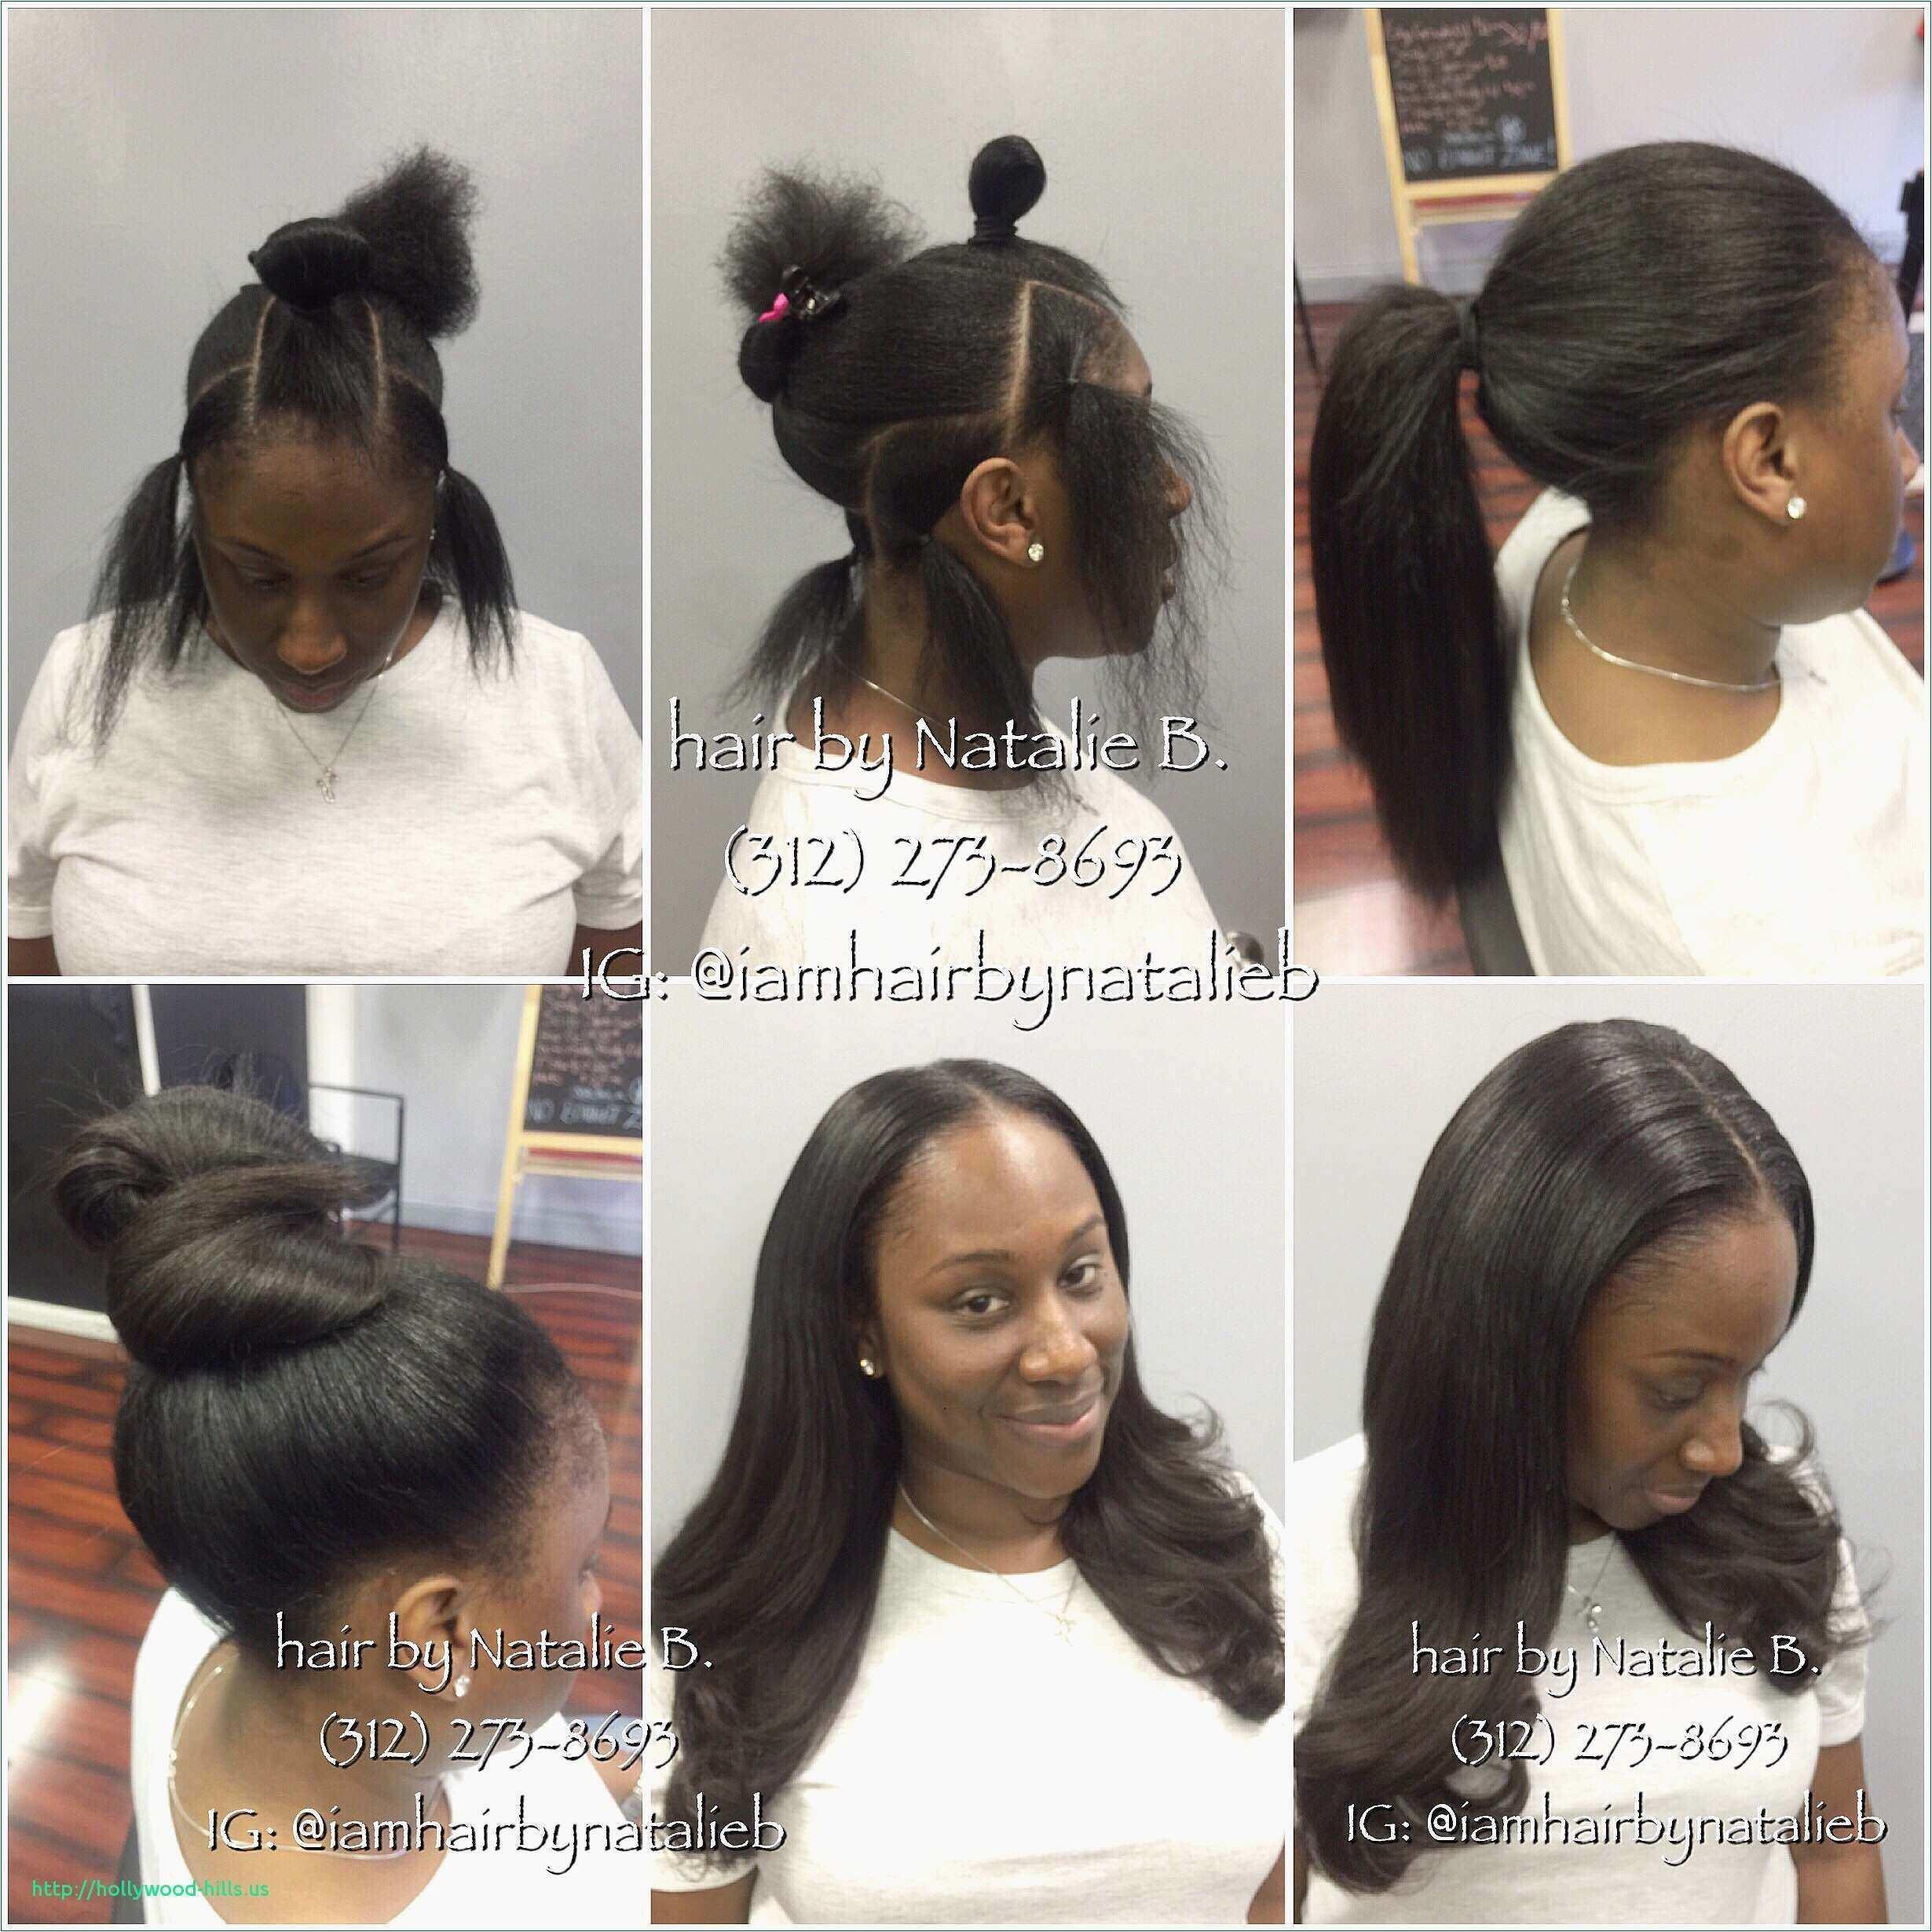 Black Hairstyles Bangs Ponytails Black Hairstyles with Bangs and Ponytail Awesome I24m Ponytail